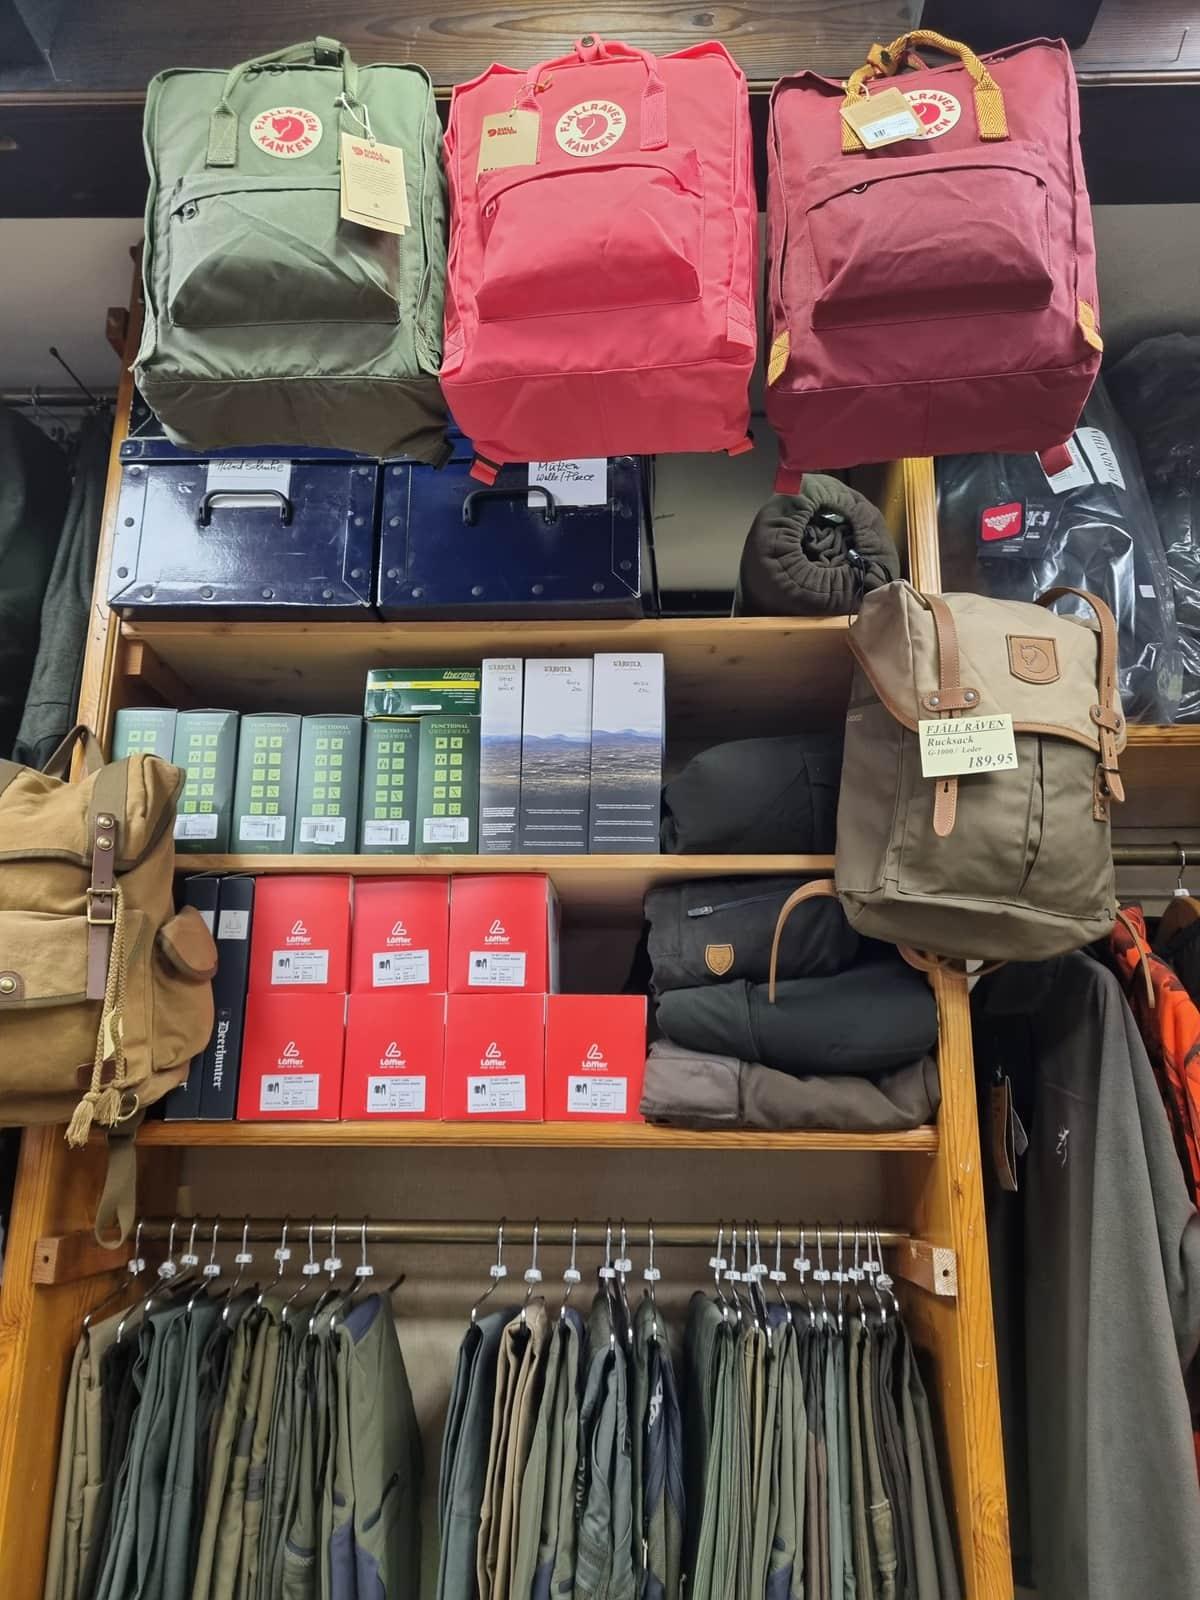 Rucksäcke in verschiedenen Farben, Schlafsäcke, Wanderhosen